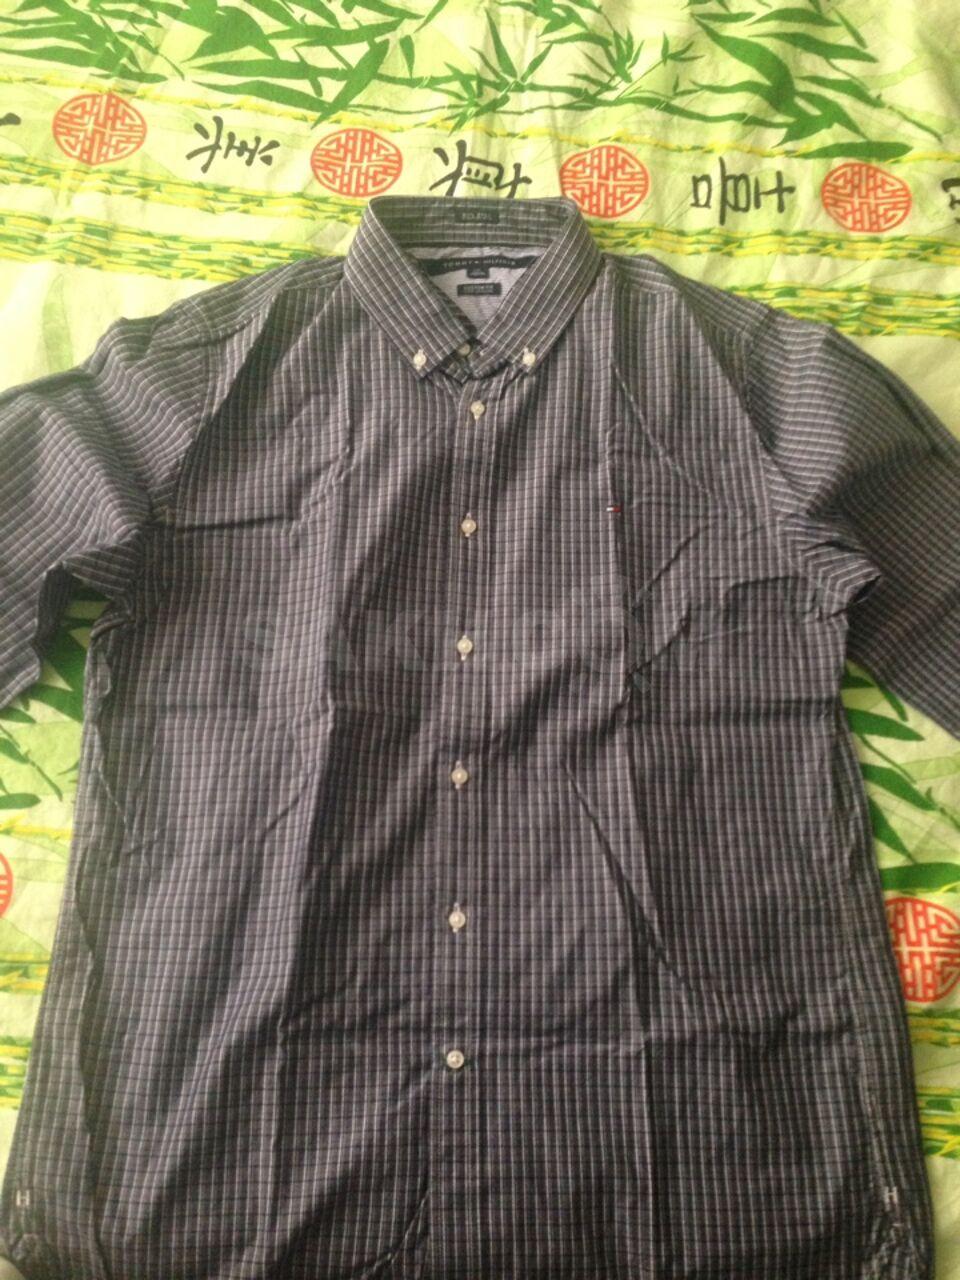 Продам рубашку новую Tommy hilfiger размер L G - 3000 руб. Одежда ... fc19ca32211d9